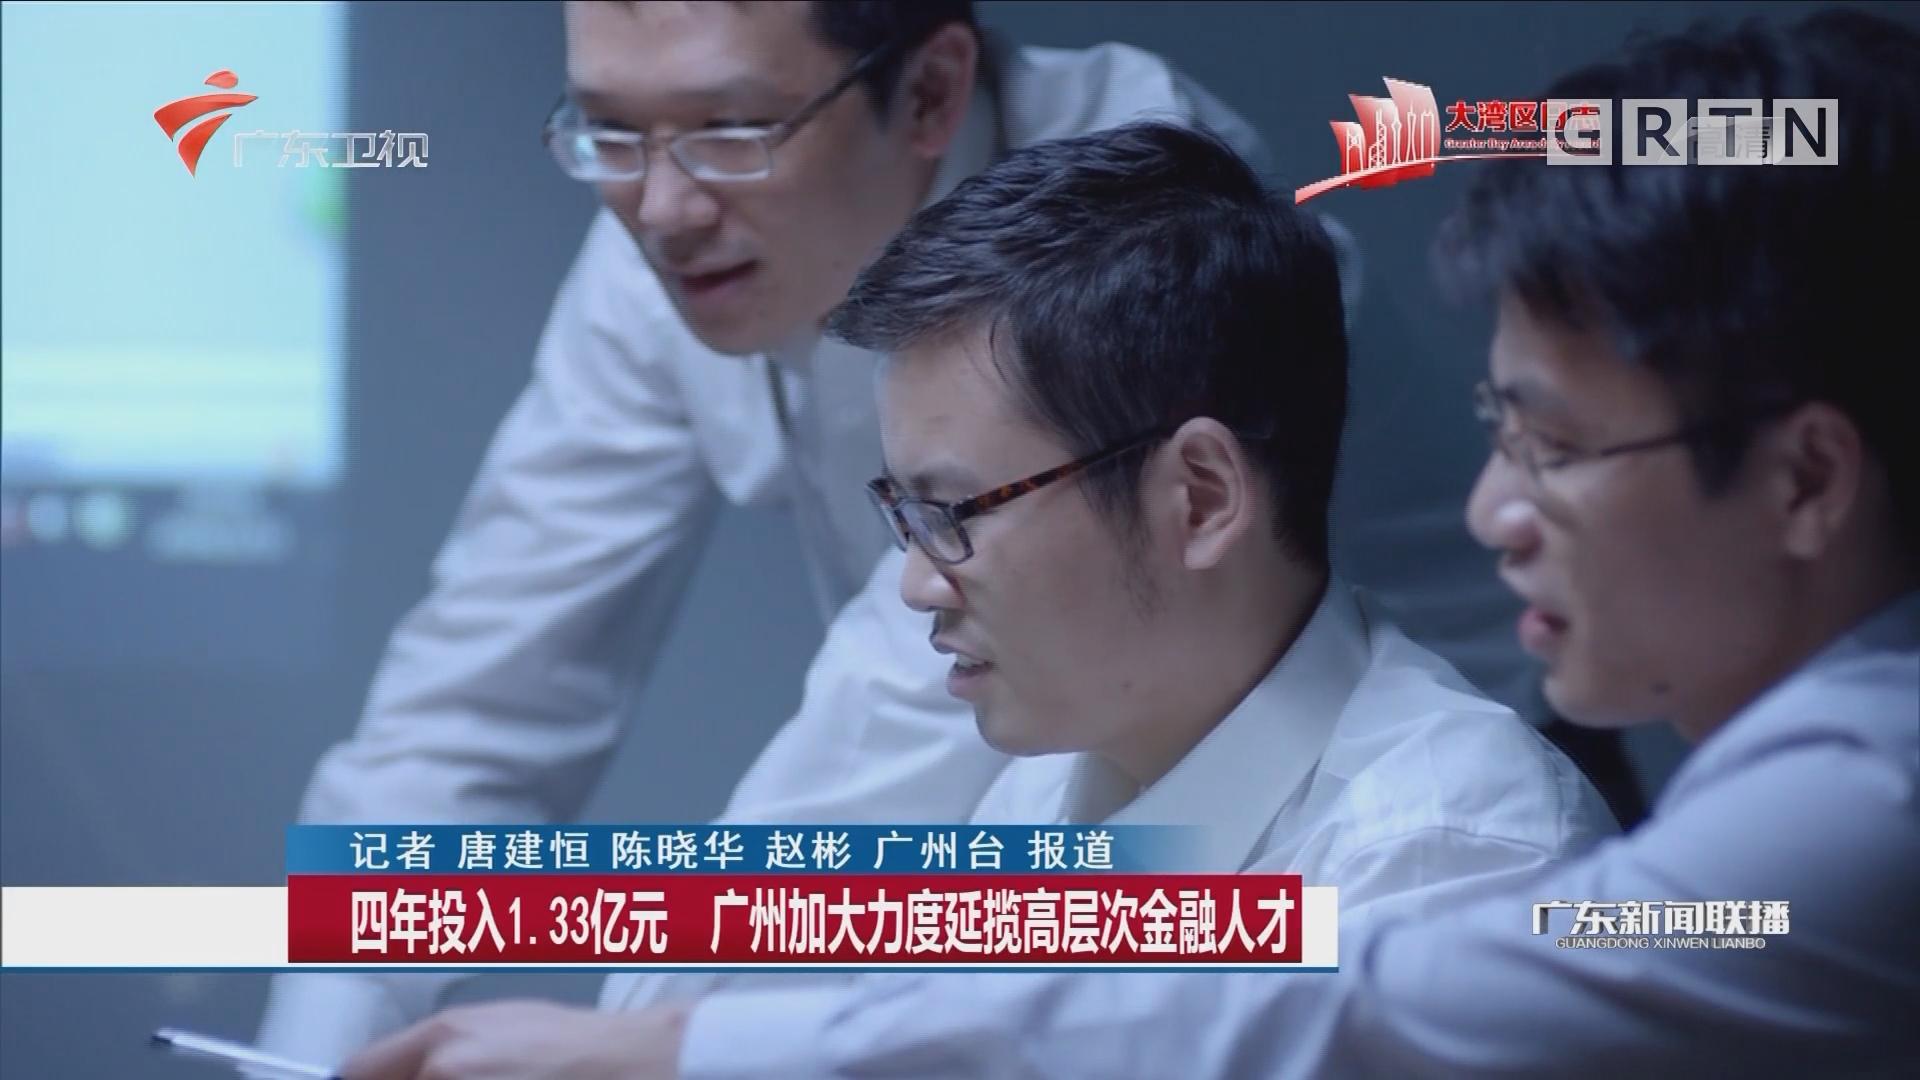 四年投入1.33亿元 广州加大力度延揽高层次金融人才